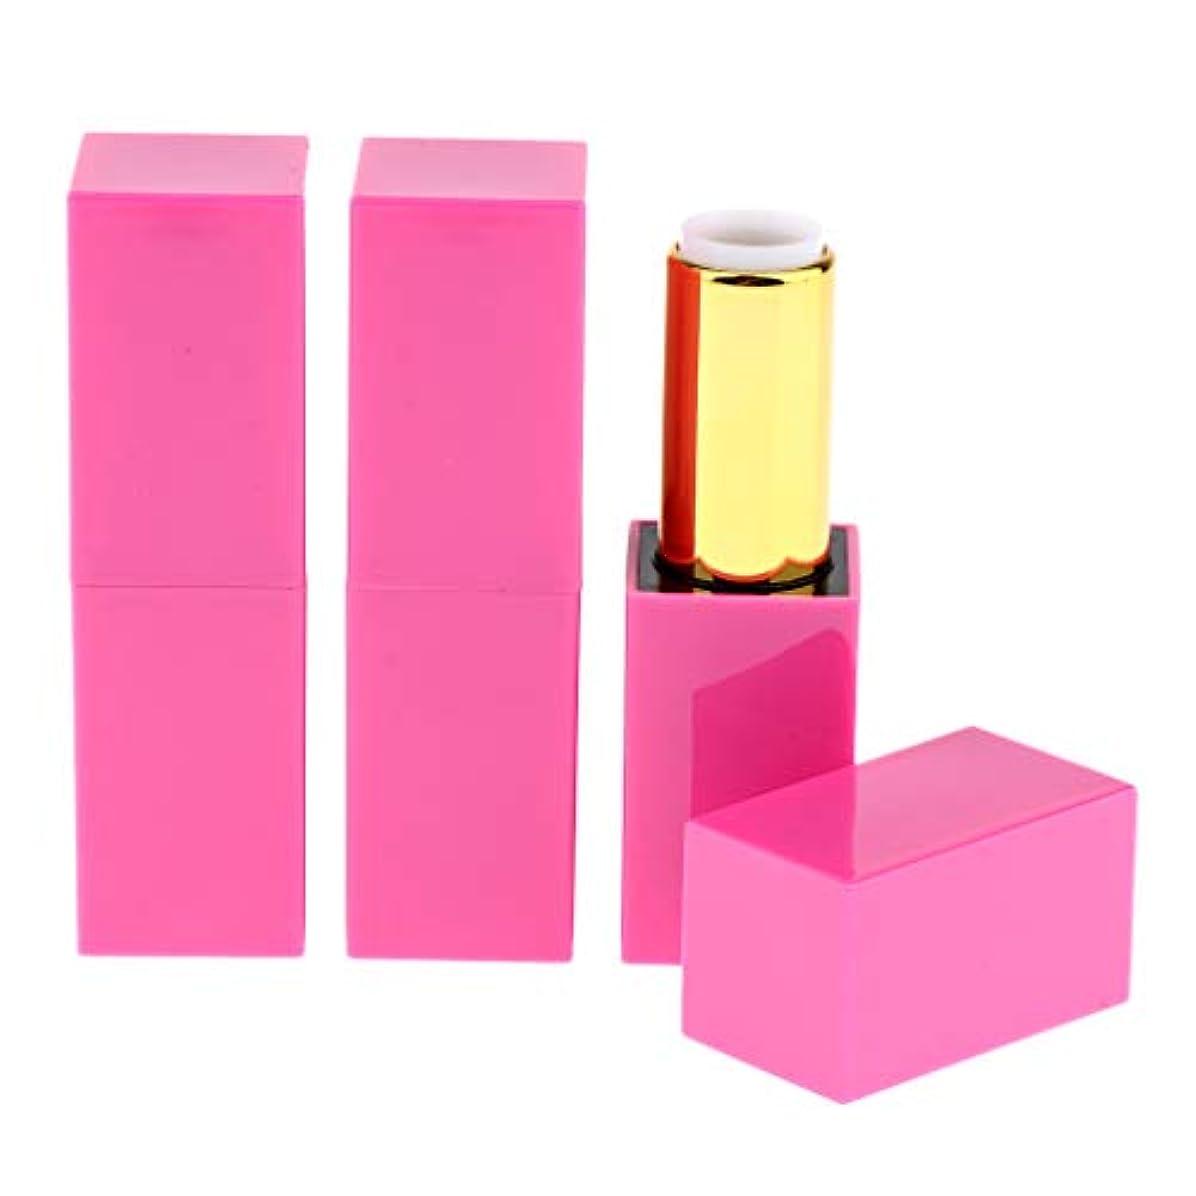 テンポ疾患振り子Perfeclan 3点入り 化粧チューブ 空の口紅チューブ リップグロスチューブ リップクリーム容器